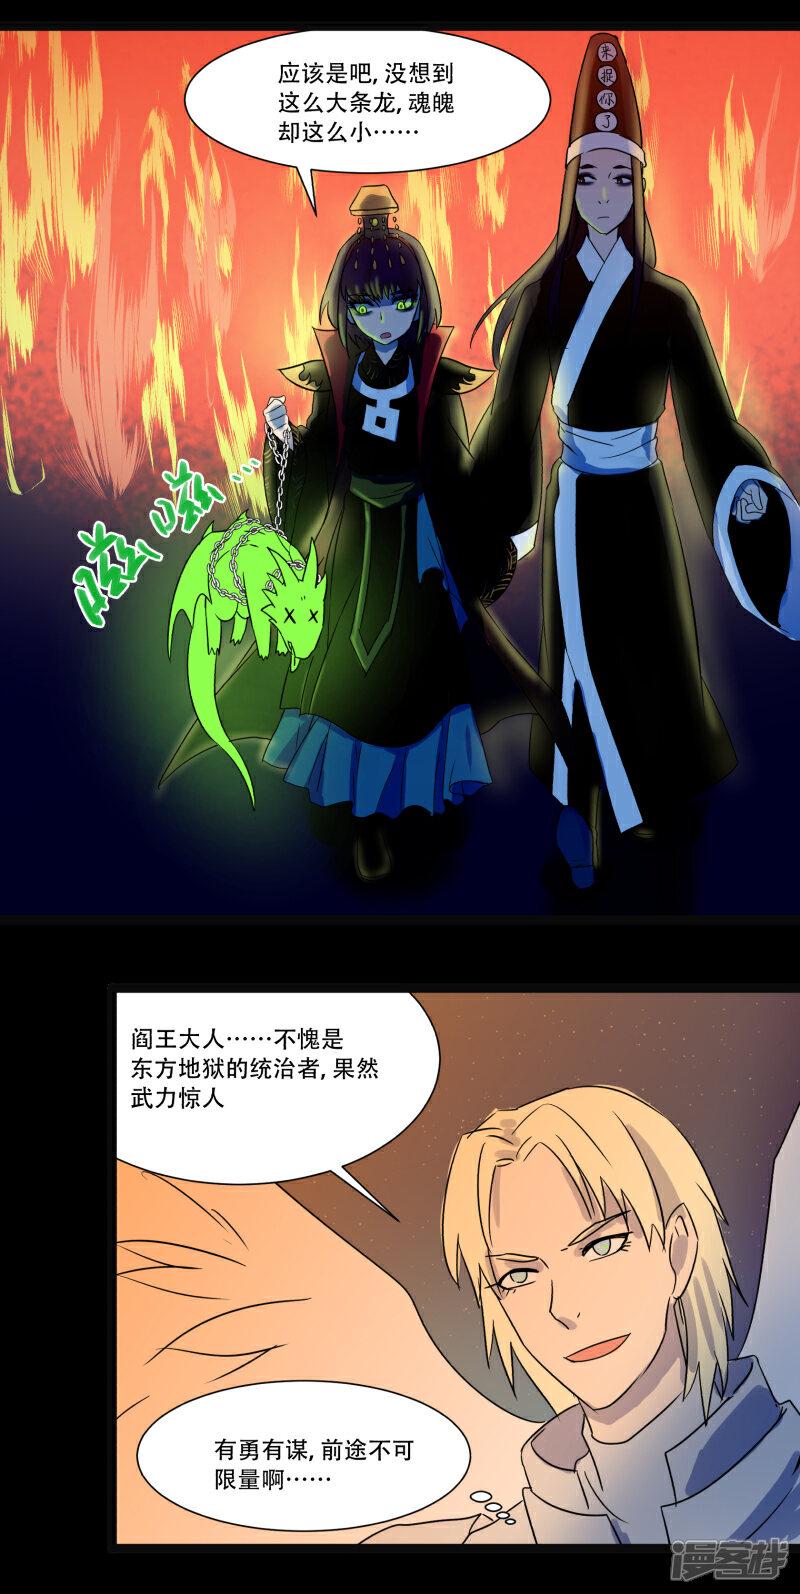 阎王不高兴漫画 第4话 漫客栈